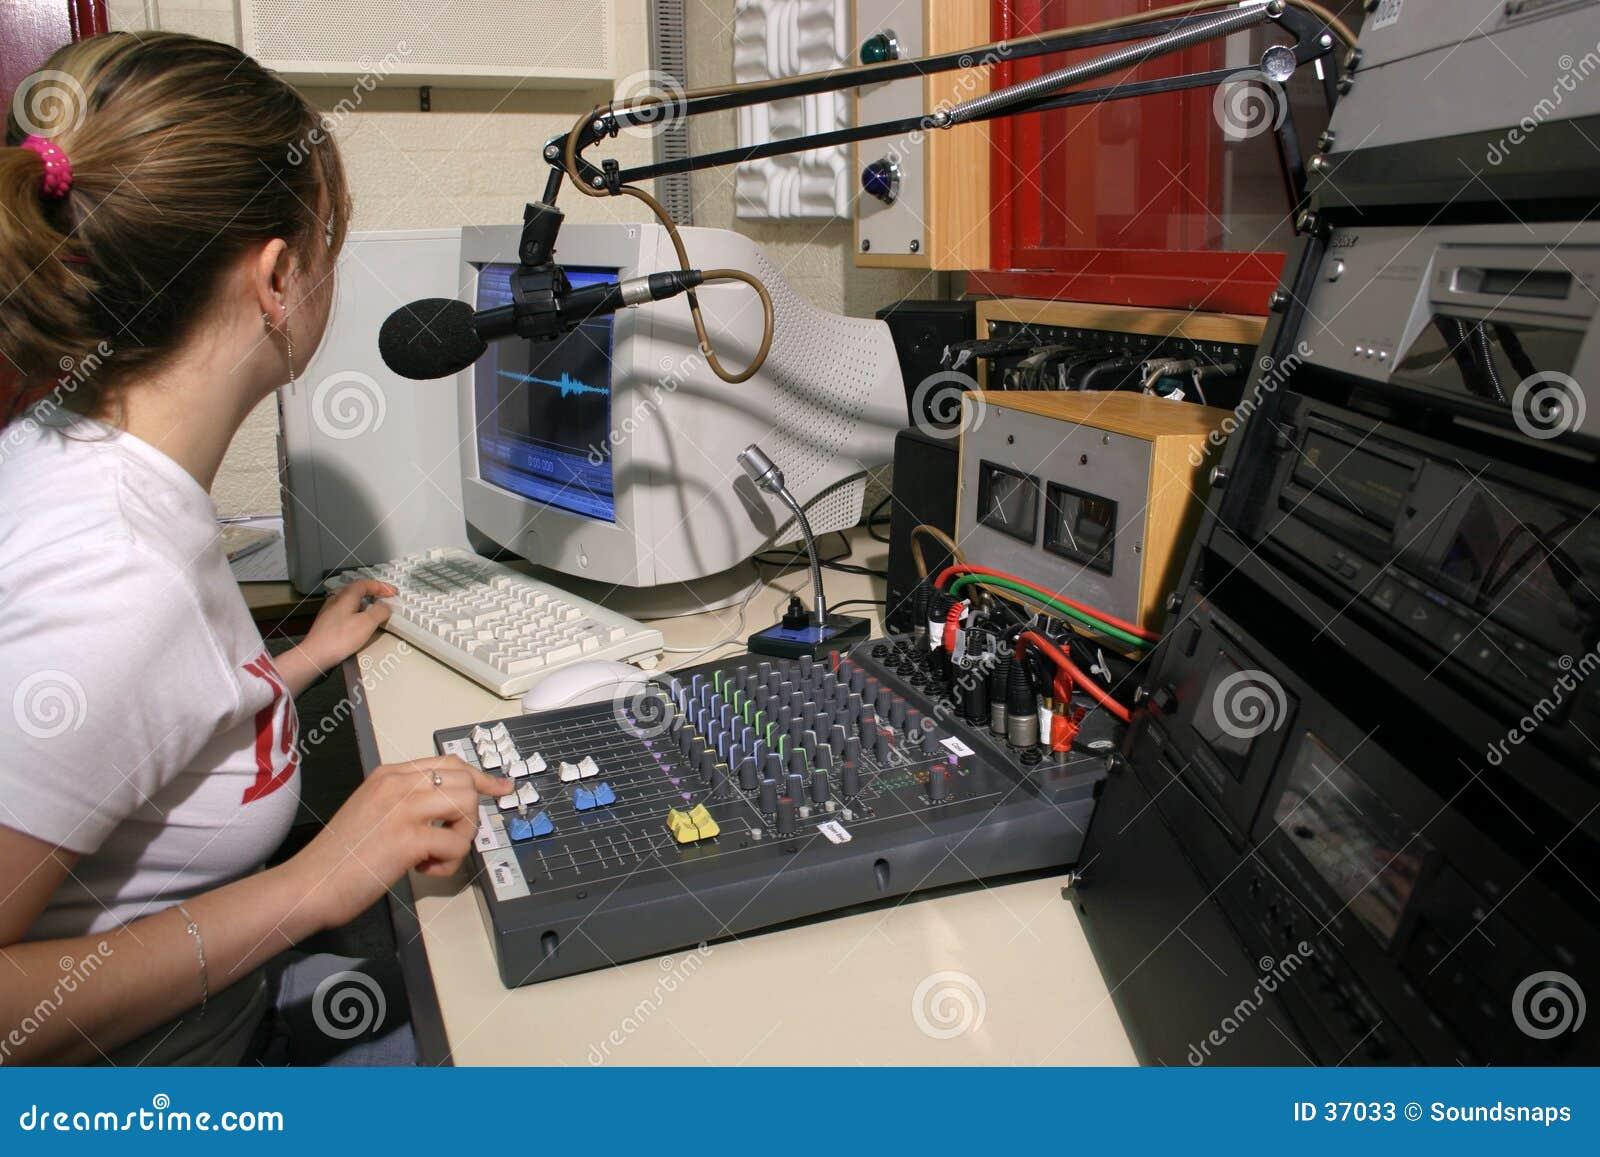 Radio Studio on air